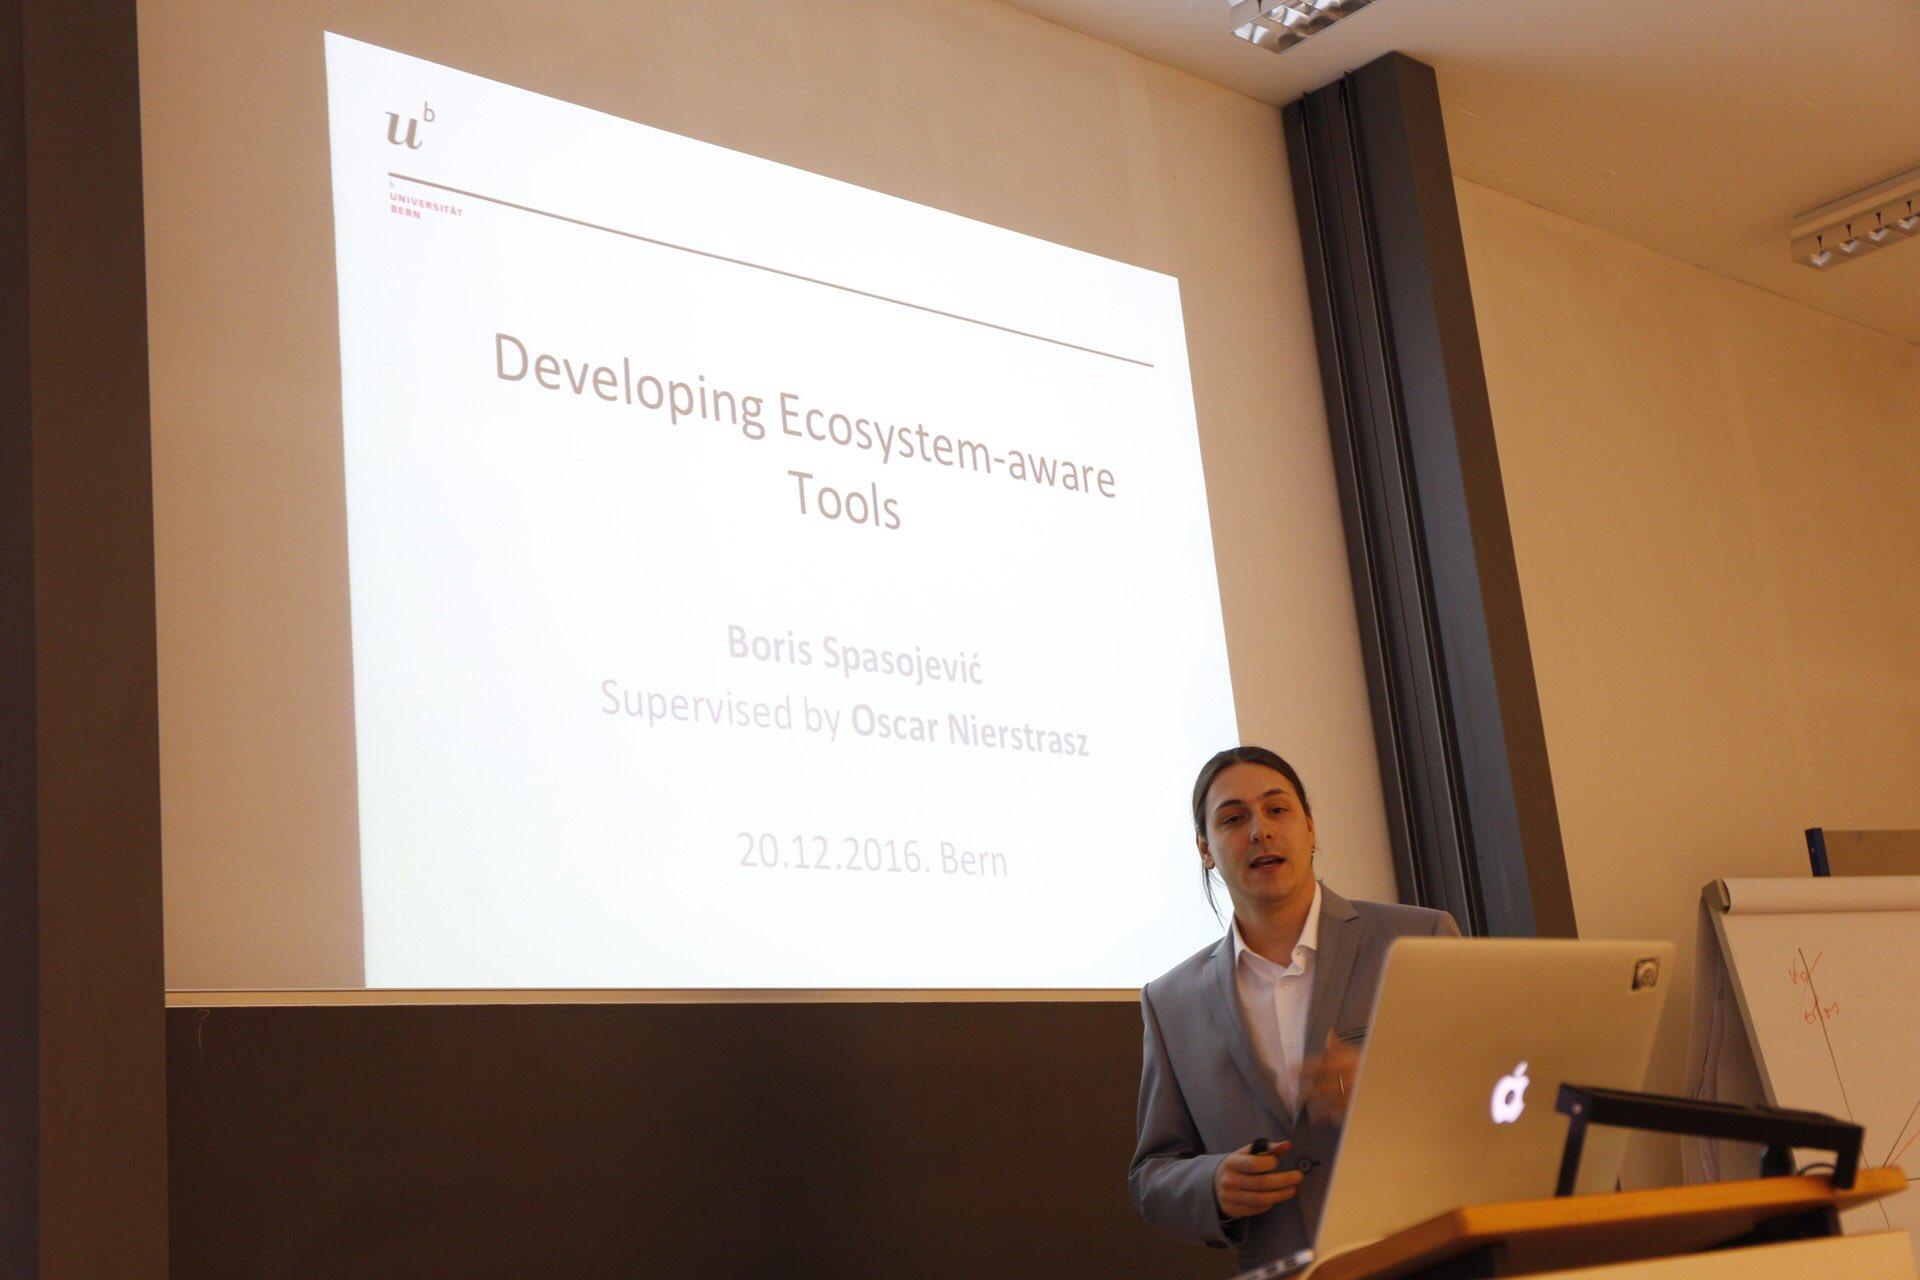 Boris murmann phd thesis proposal